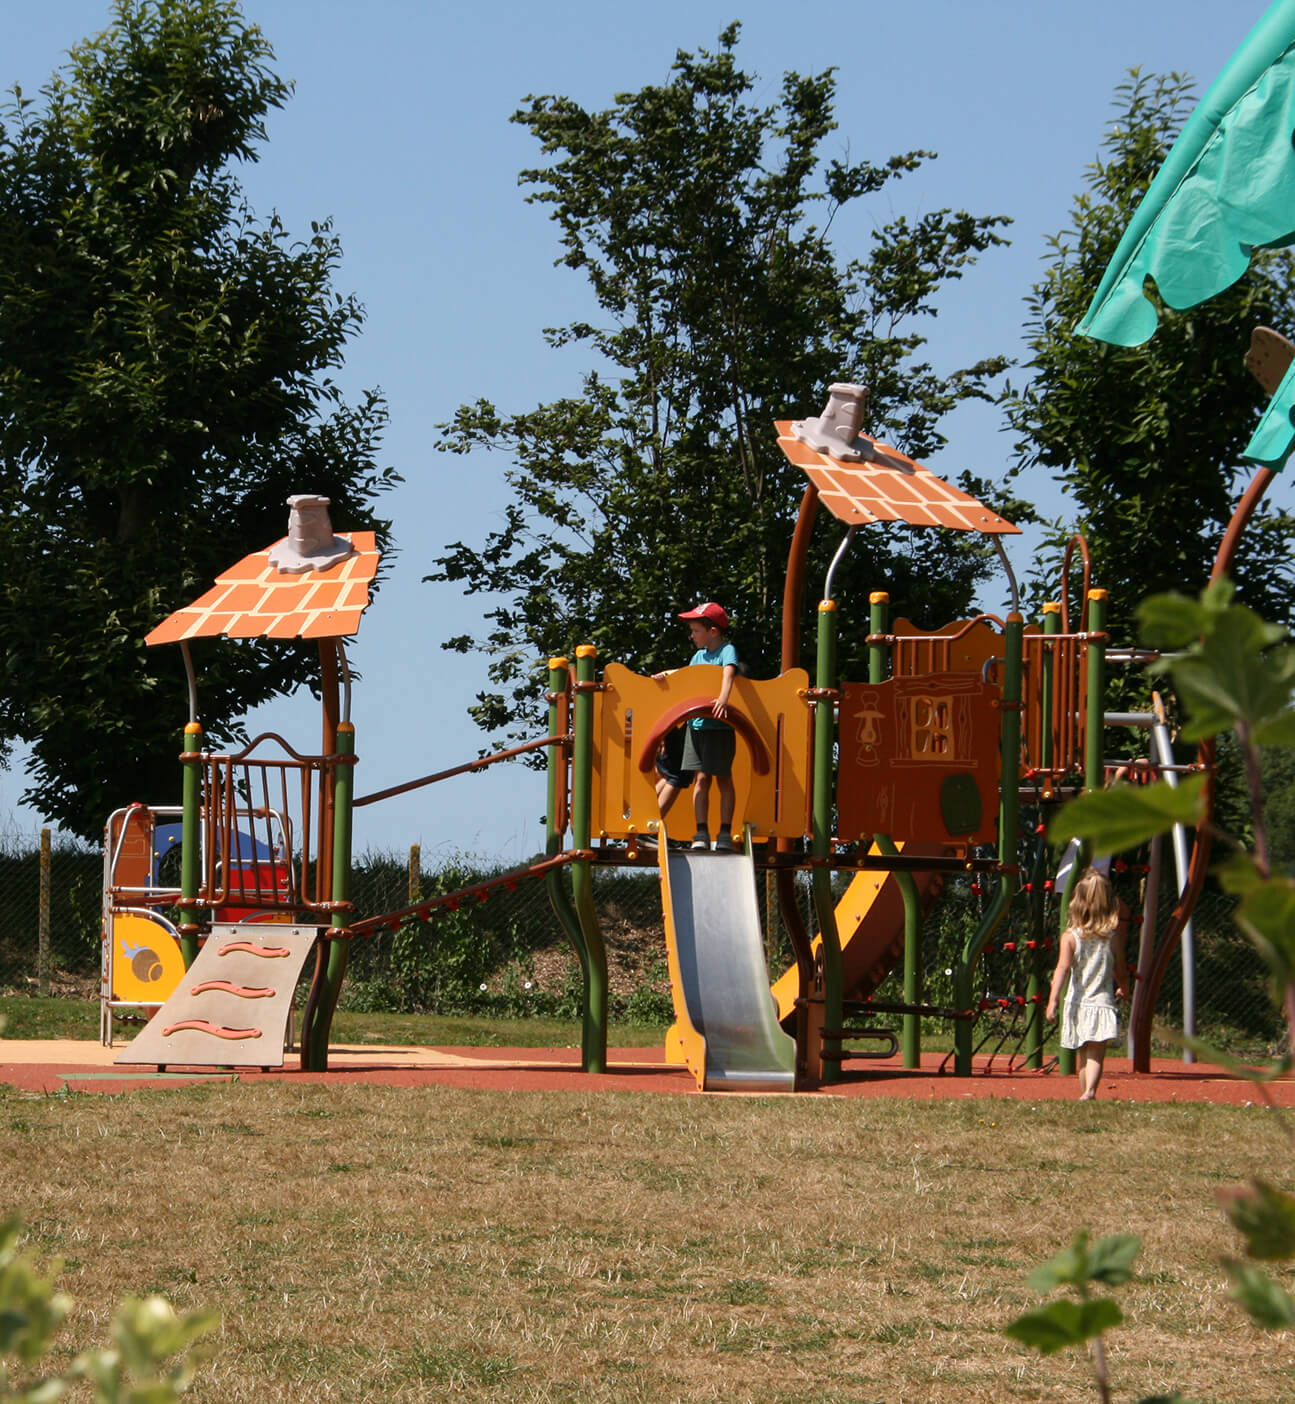 Aiguille Creuse 05 - Jeux pour enfants